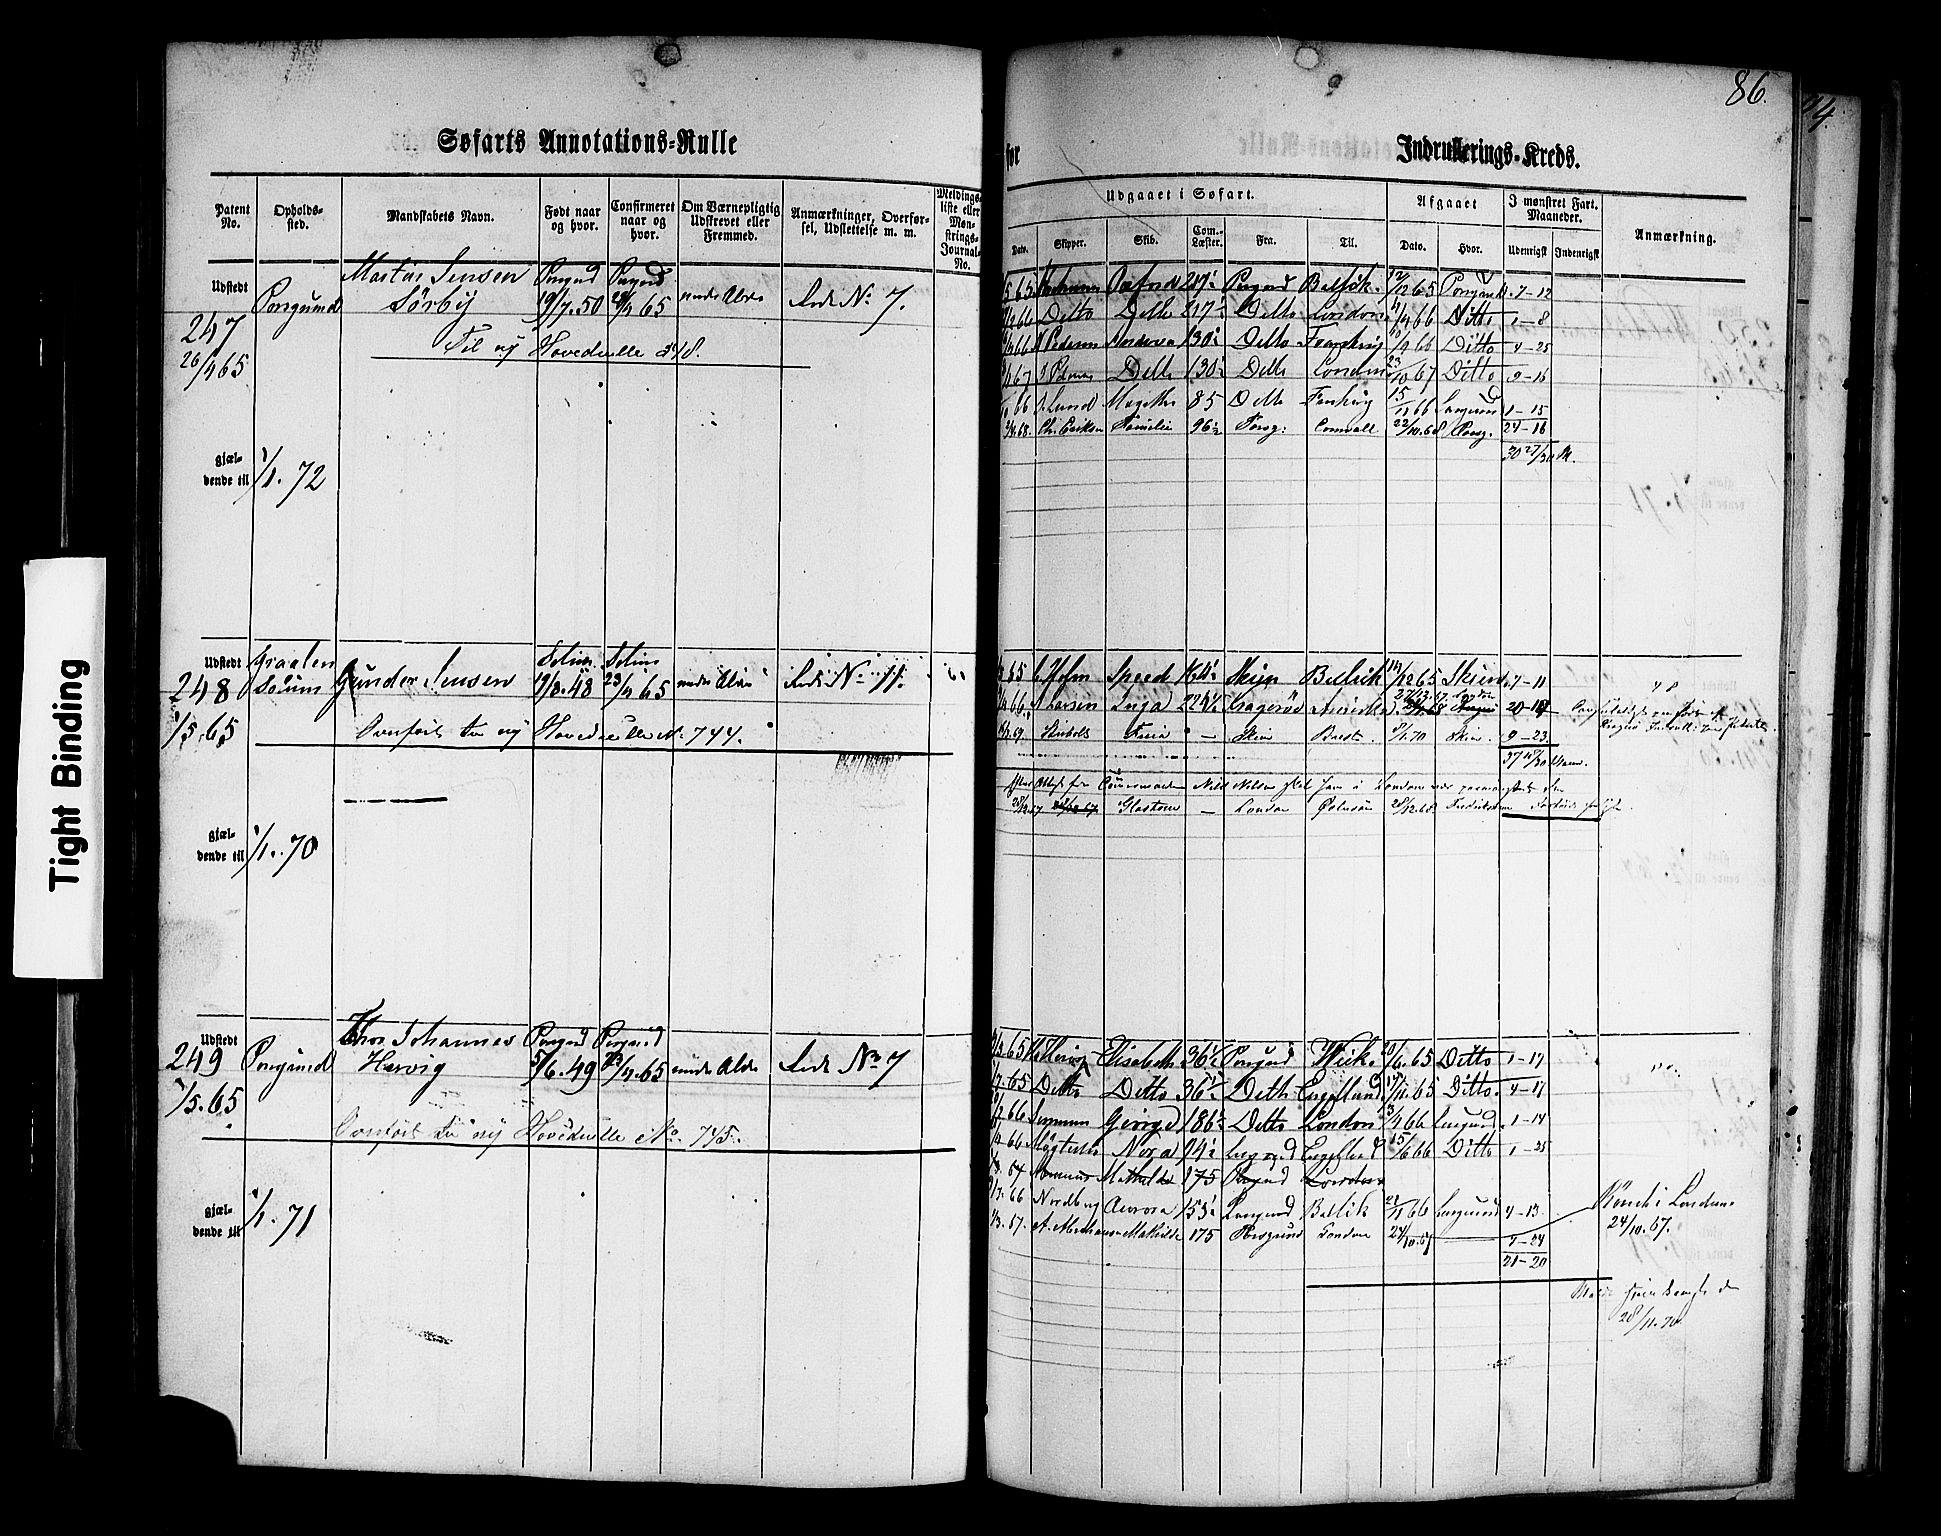 SAKO, Porsgrunn innrulleringskontor, F/Fb/L0001: Annotasjonsrulle, 1860-1868, s. 115